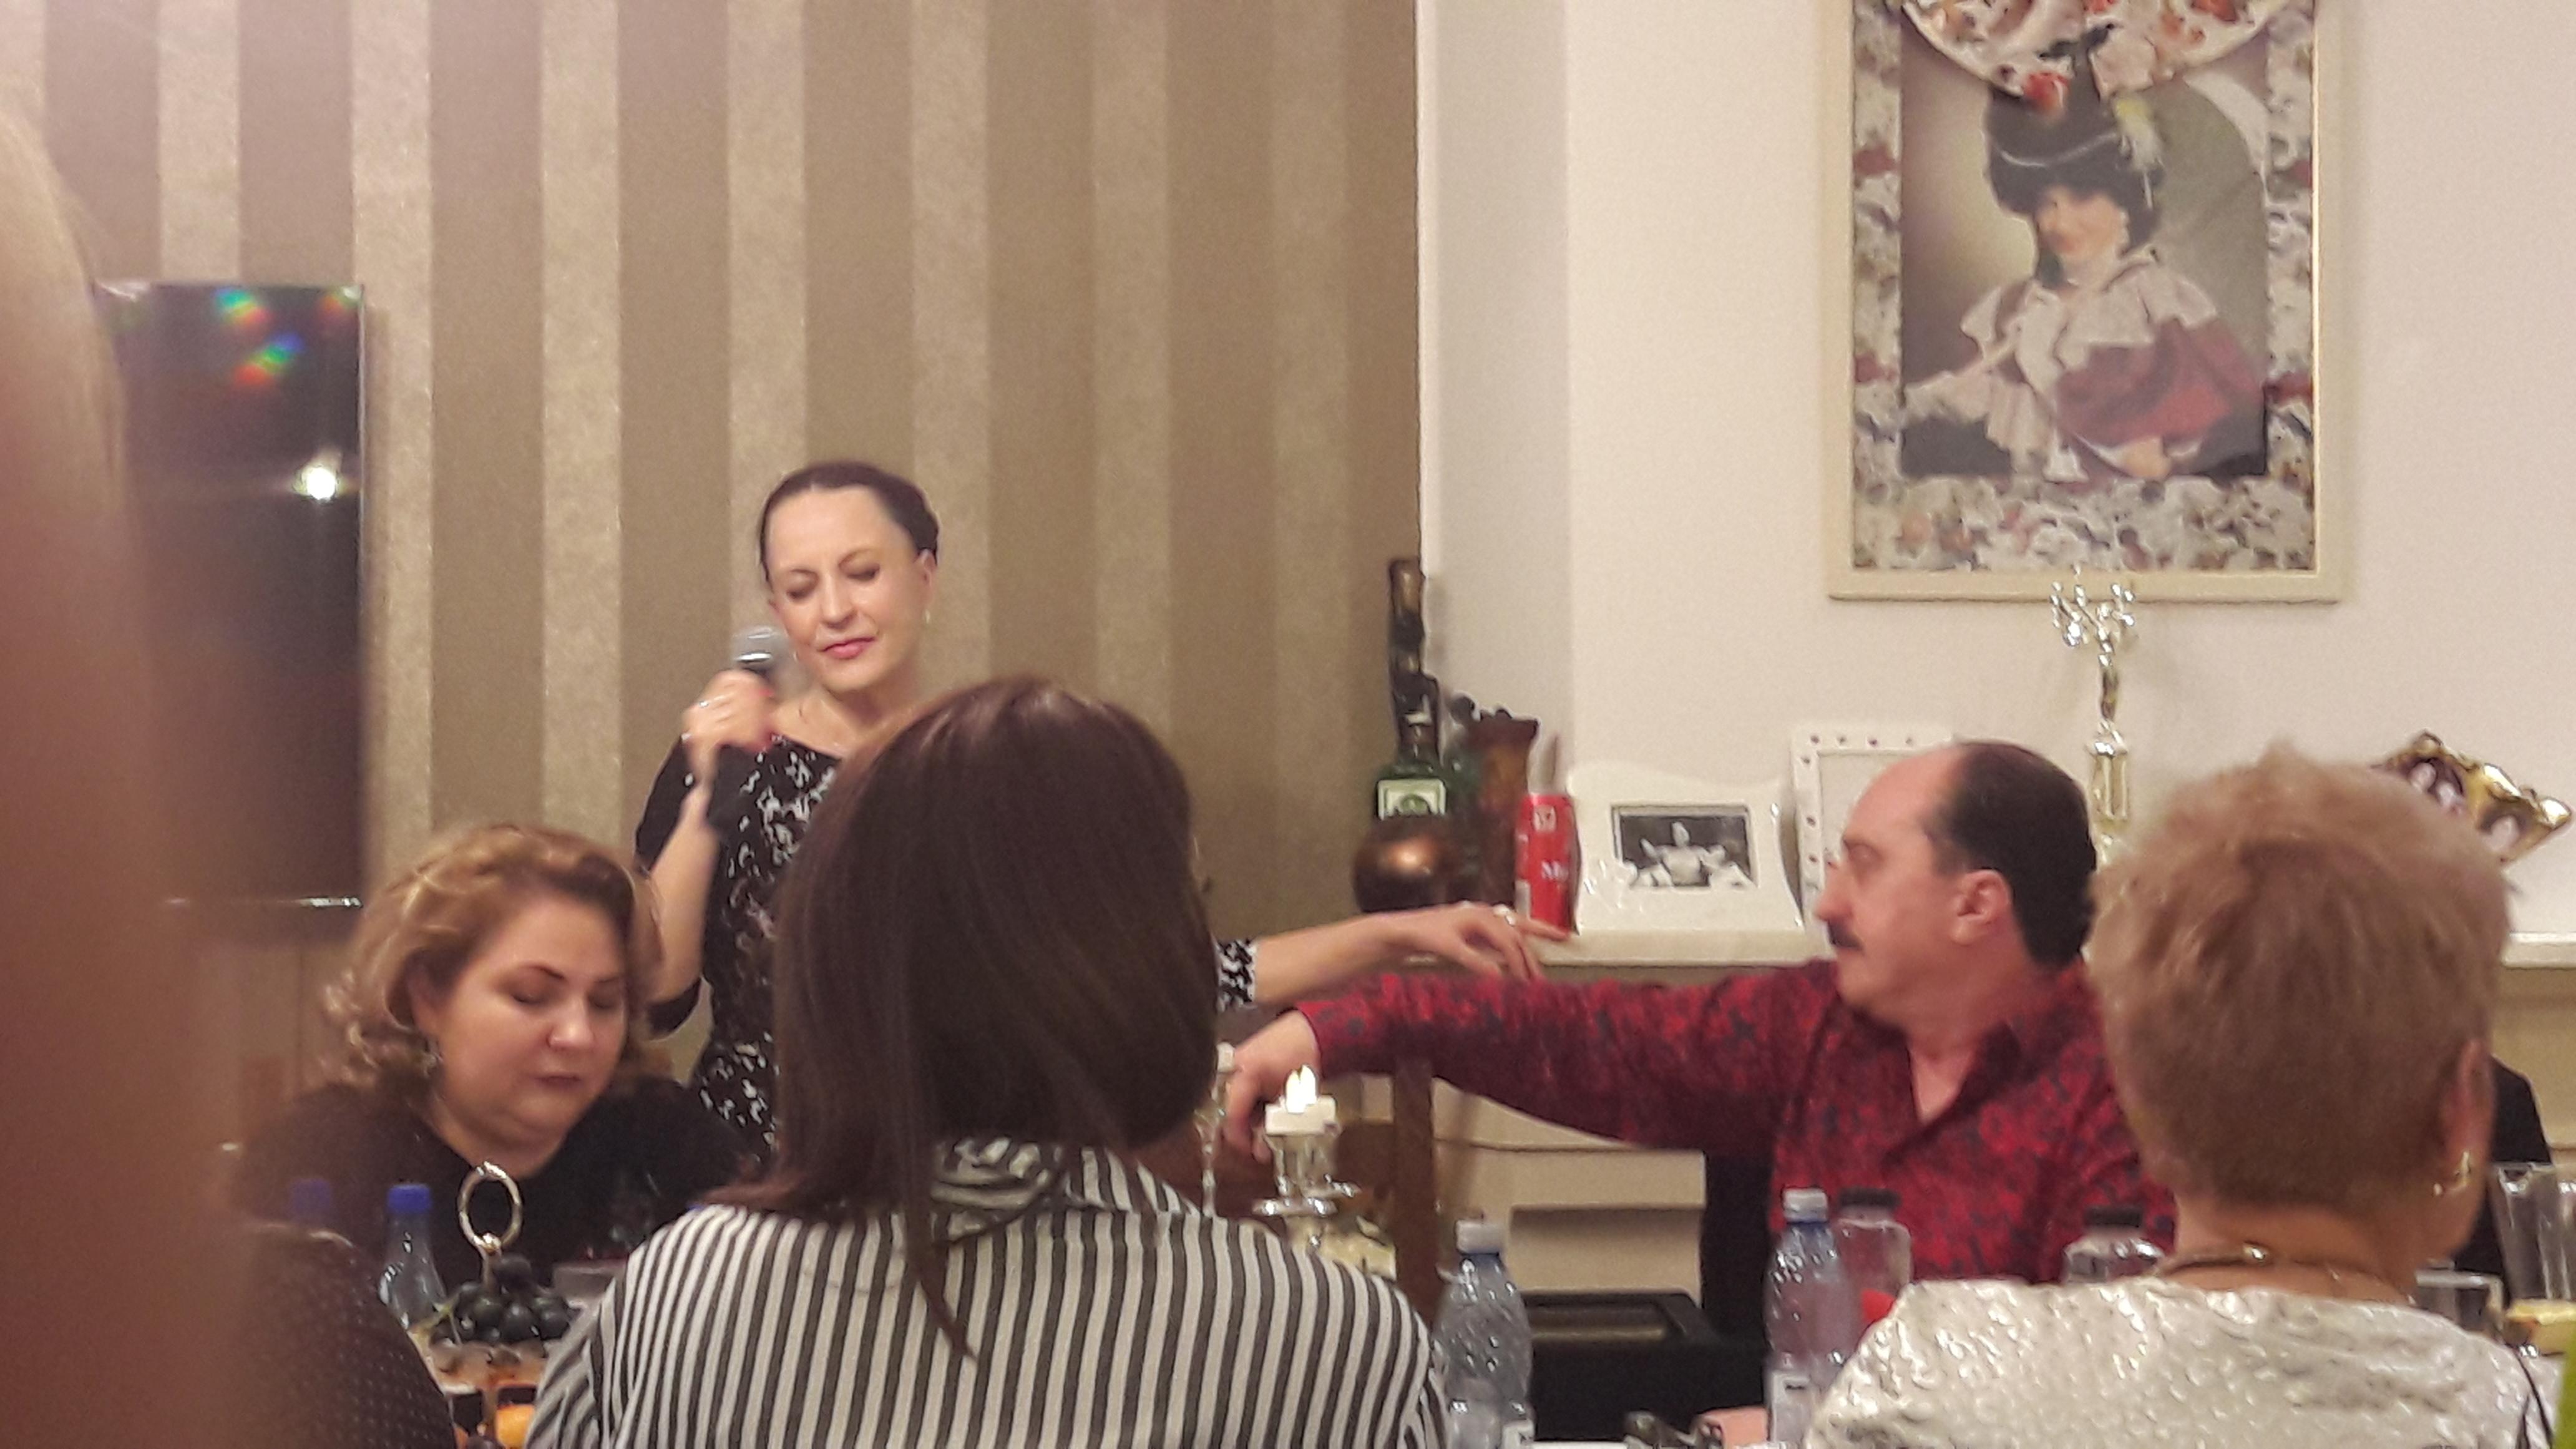 VIDEO/Aproape de nerecunoscut! Maria Dragomiroiu, prima aparție în public cu părul strâns